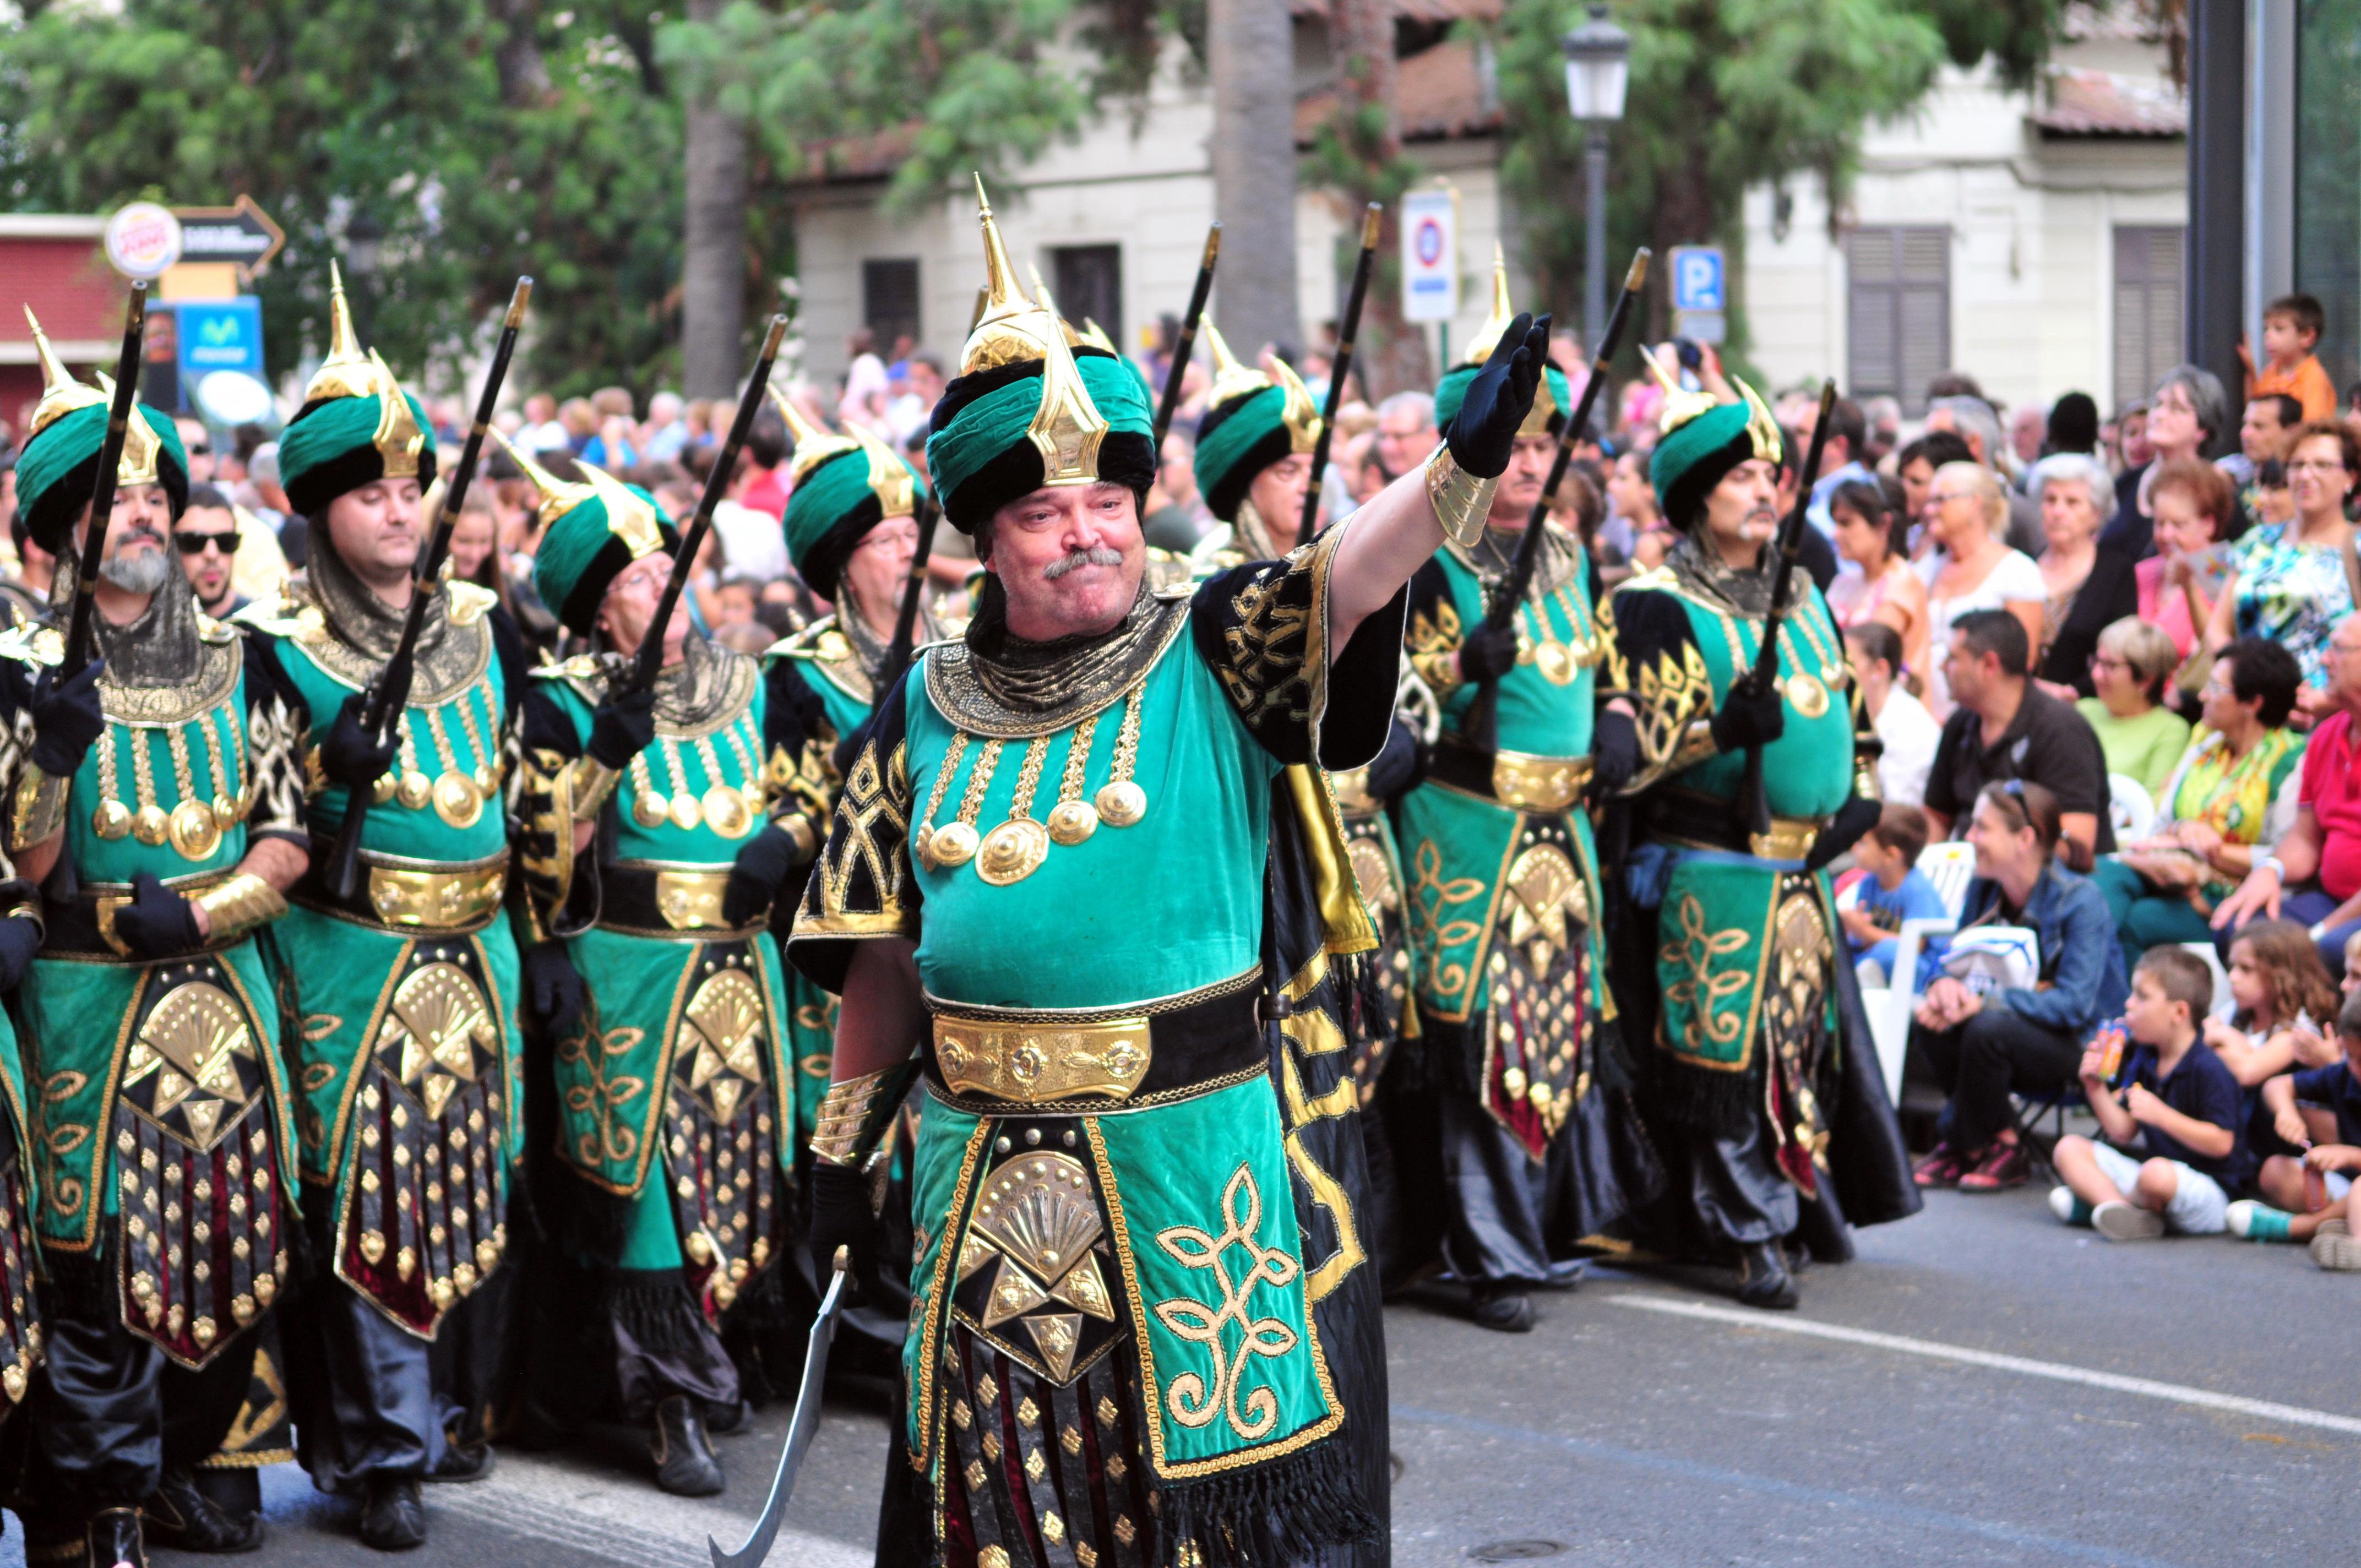 瓦伦西亚自治区复兴纪念日